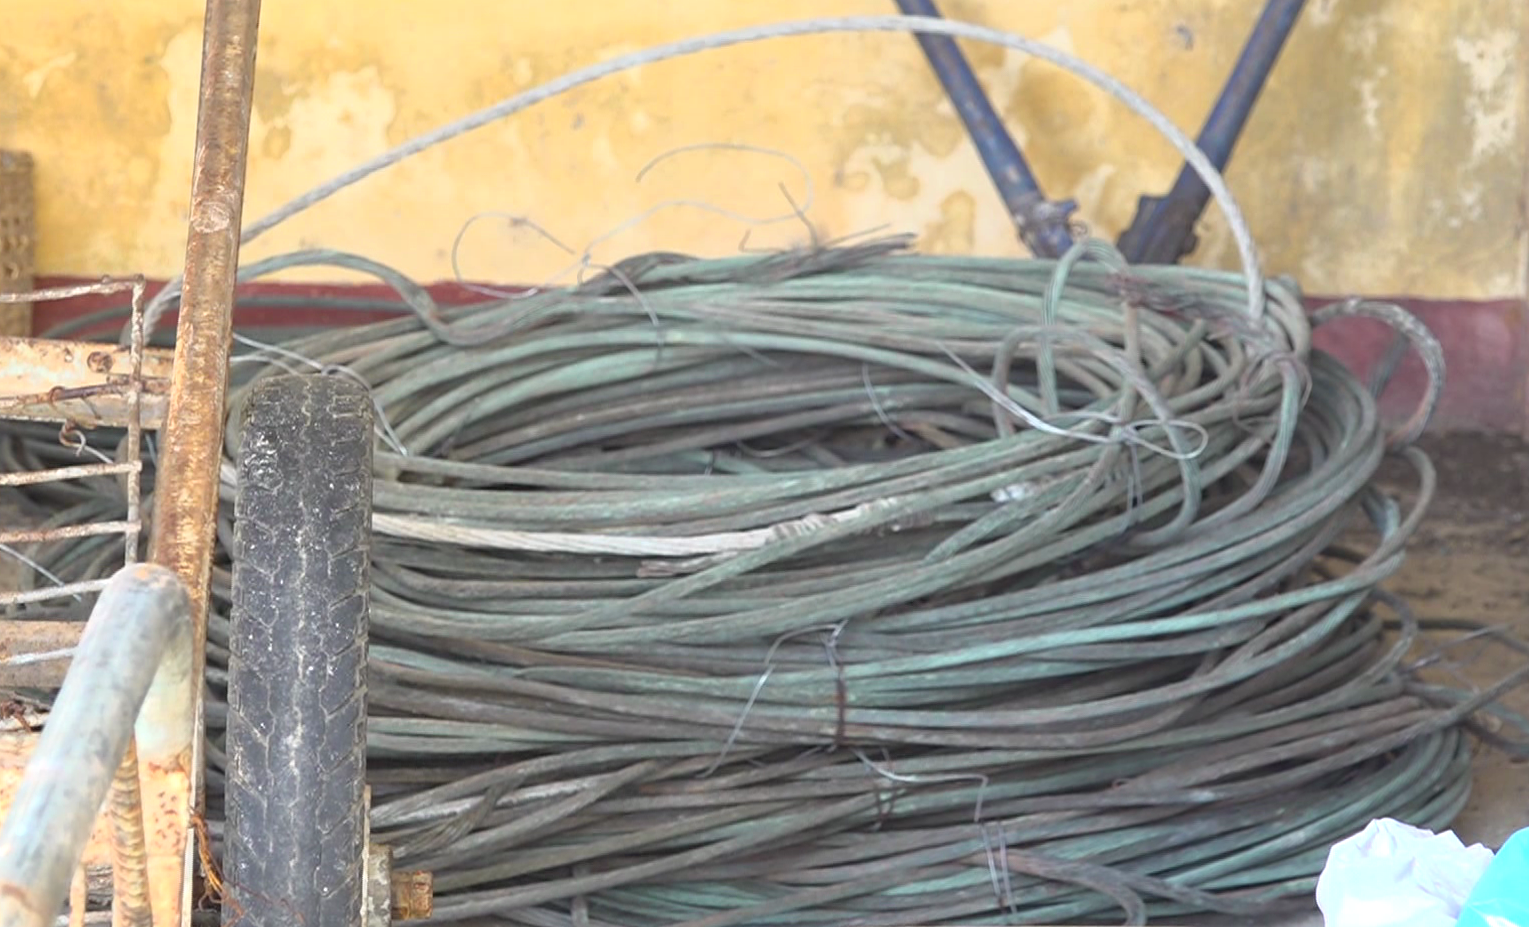 Tang vật dây điện